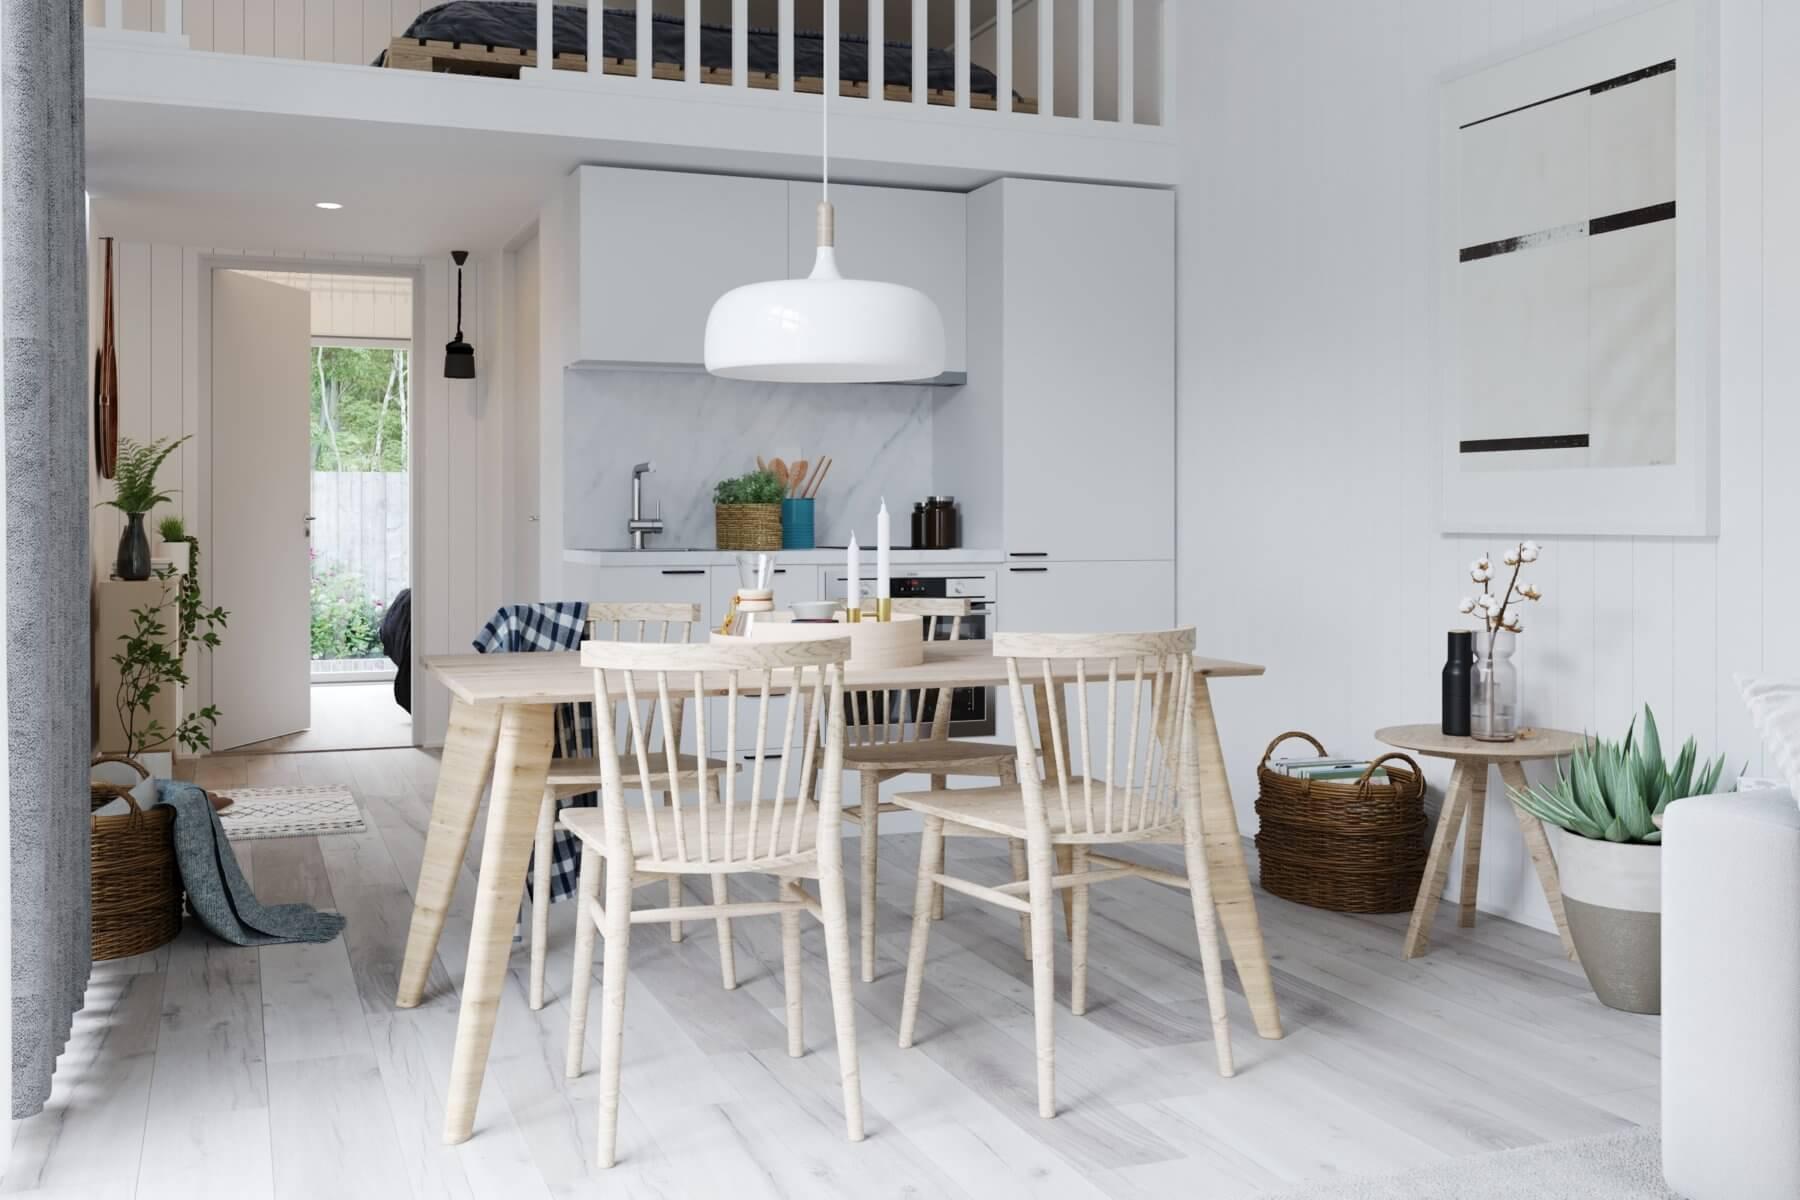 Matplats med rektangulärt bord och 4 stolar